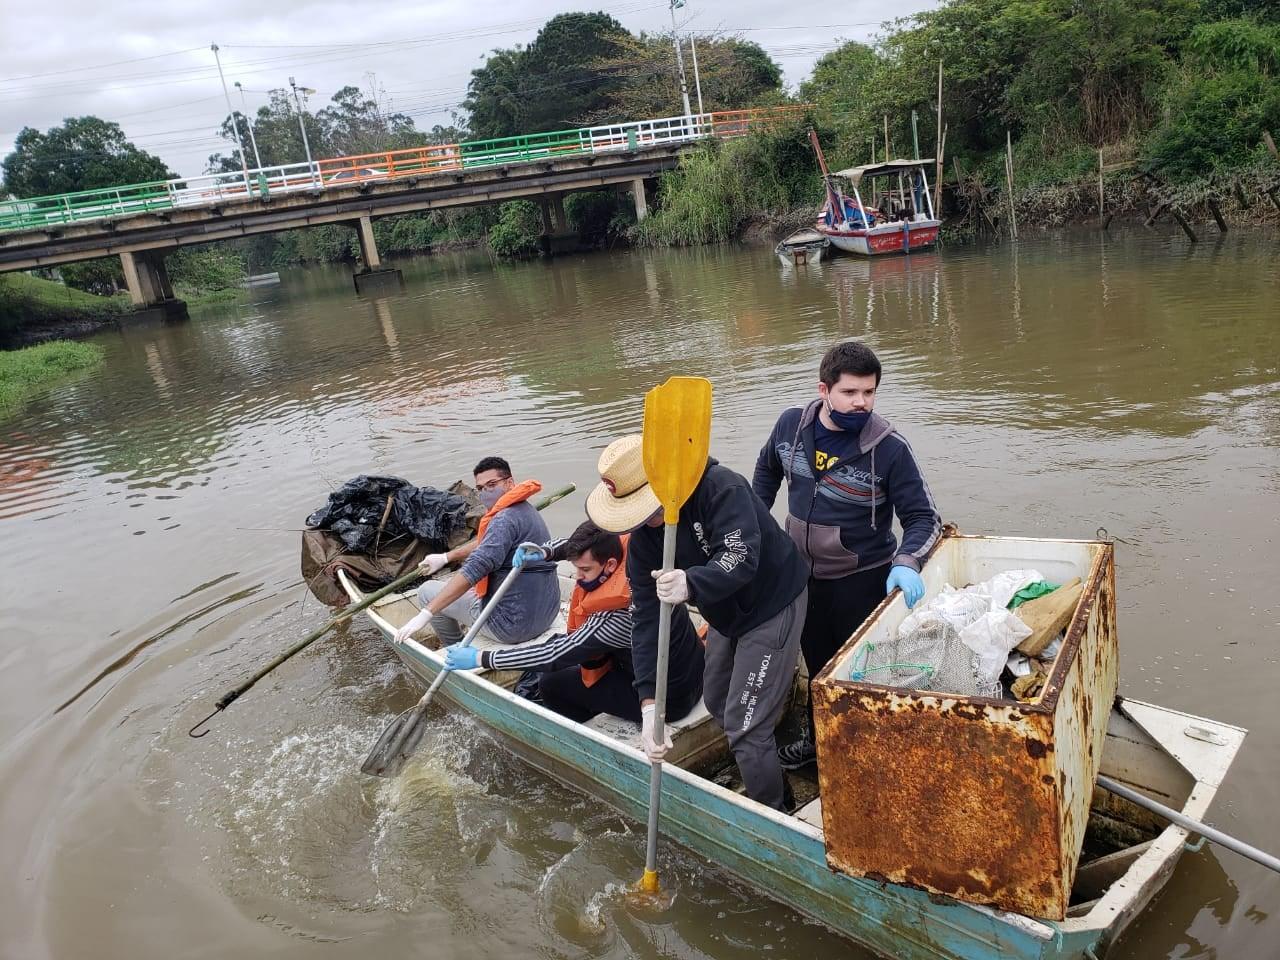 Salvando Rios: Sábado é dia de limpeza no Rio Camboriú